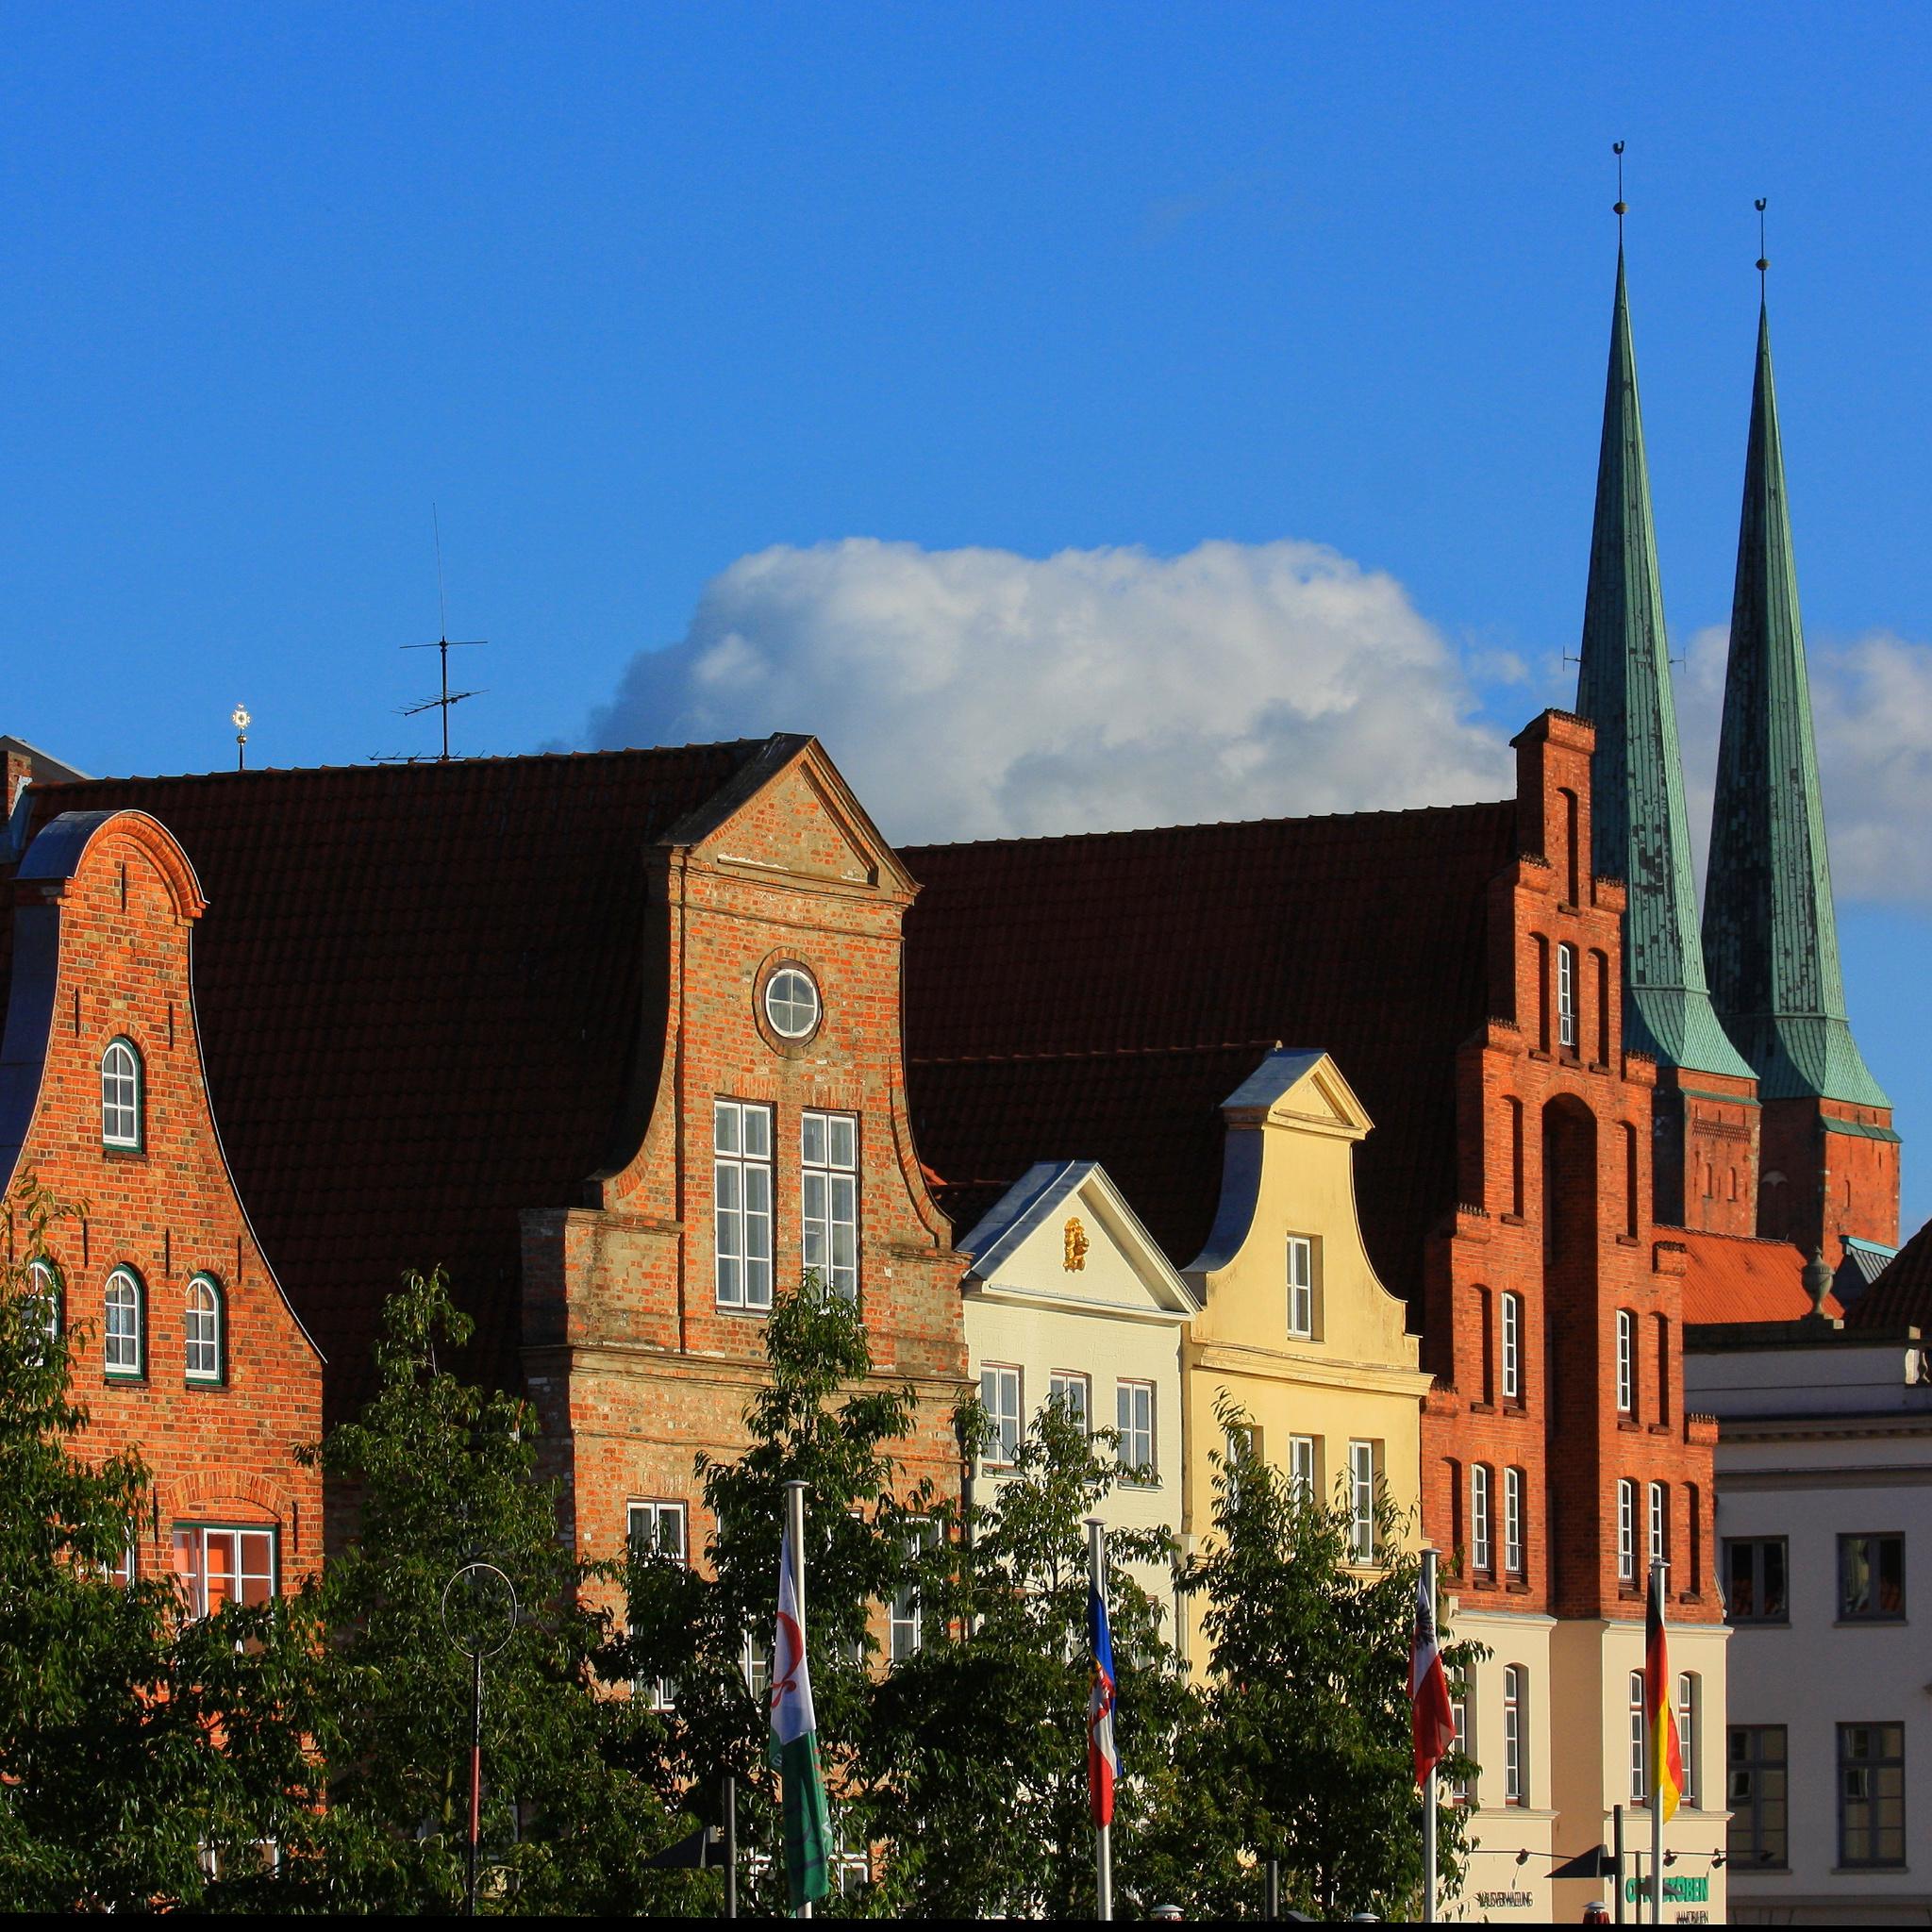 Huren Lübeck, Hansestadt